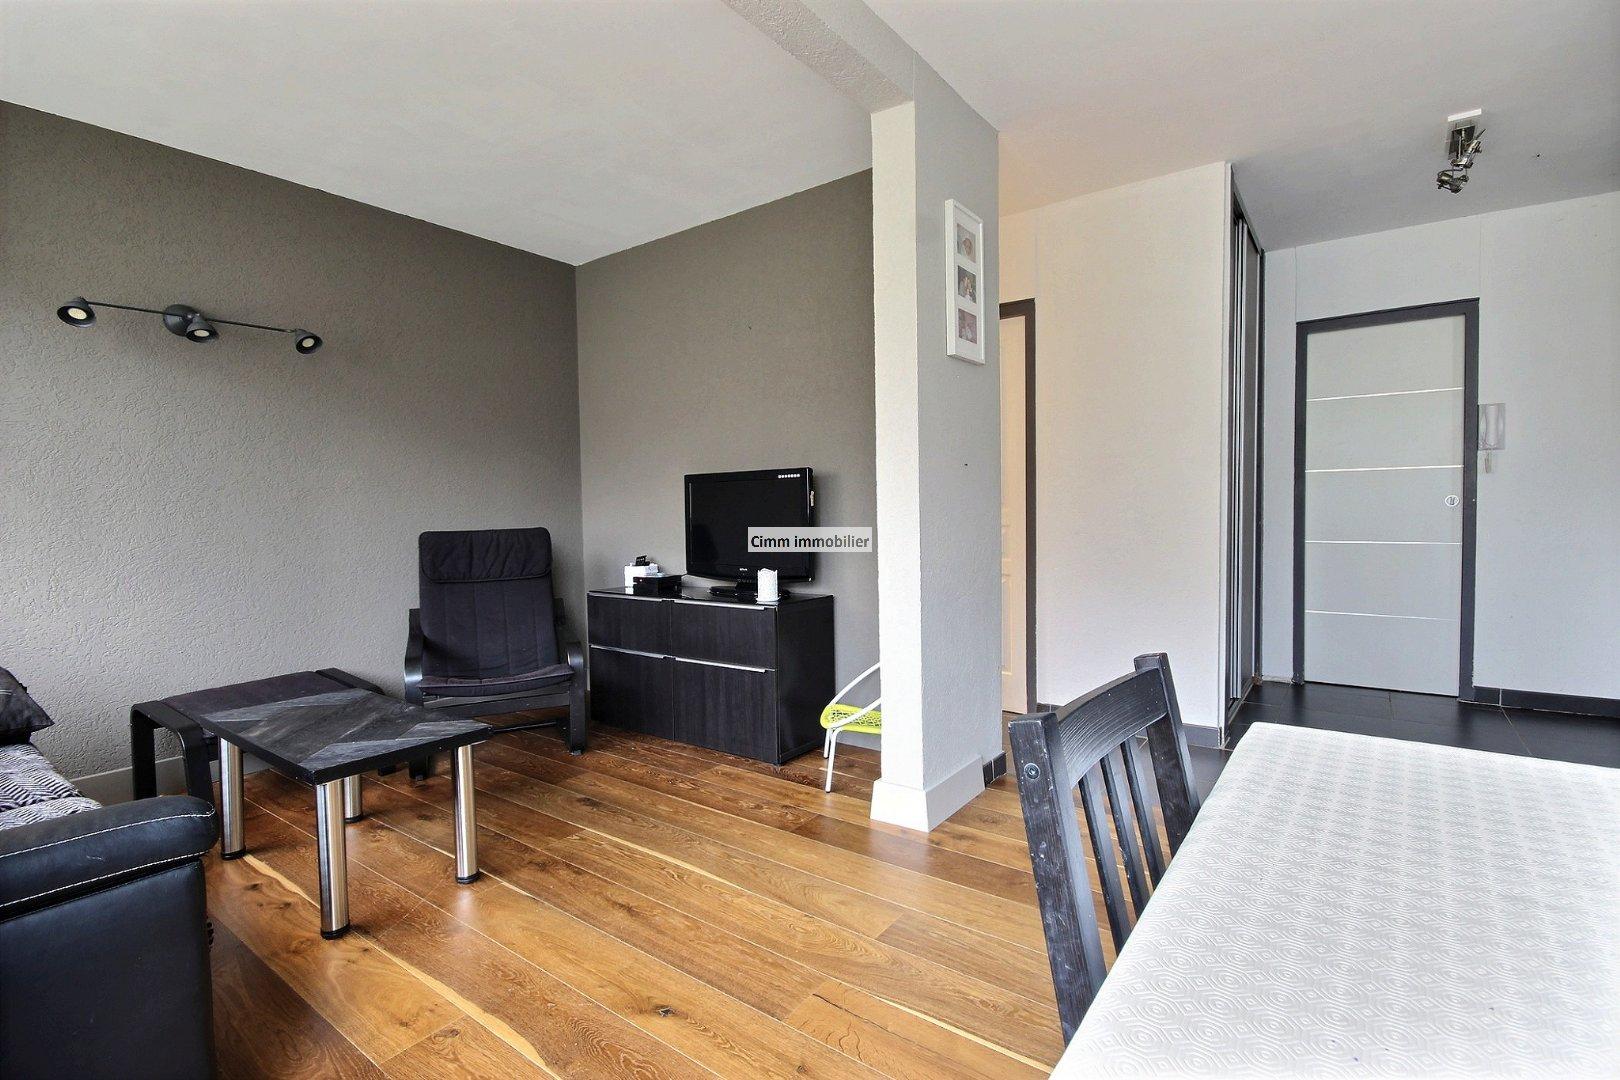 vente appartement 4 pièces BONNEVILLE 74130